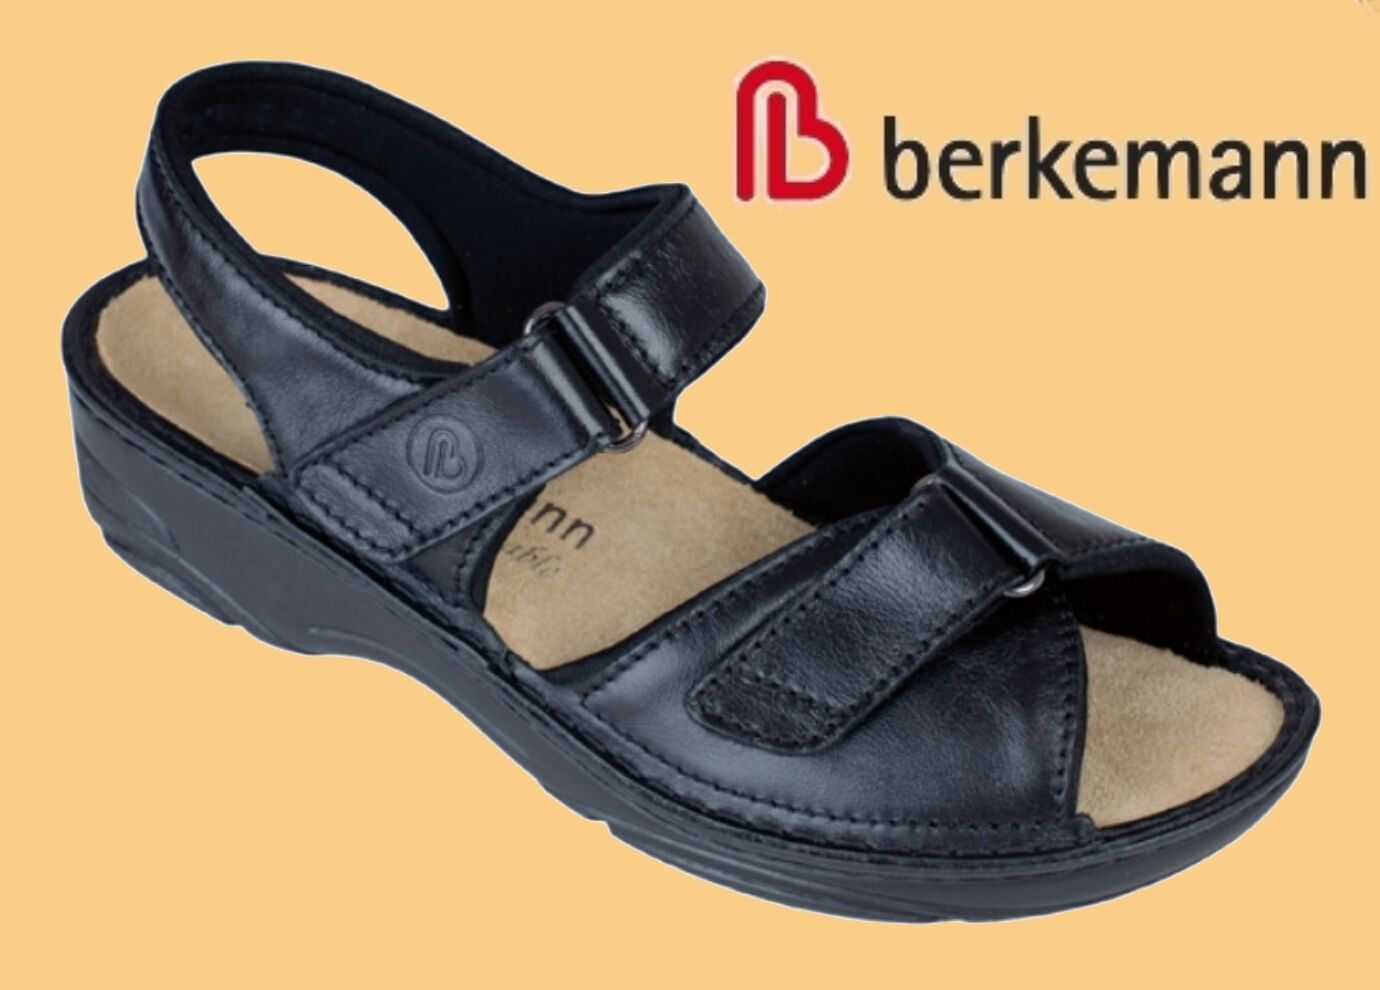 Sandalen Pantoffeln WECHSELFUßBETT Berkemann Pantoletten Hausschuhe Pantoffeln Sandalen Leder div Gr cc3e7e